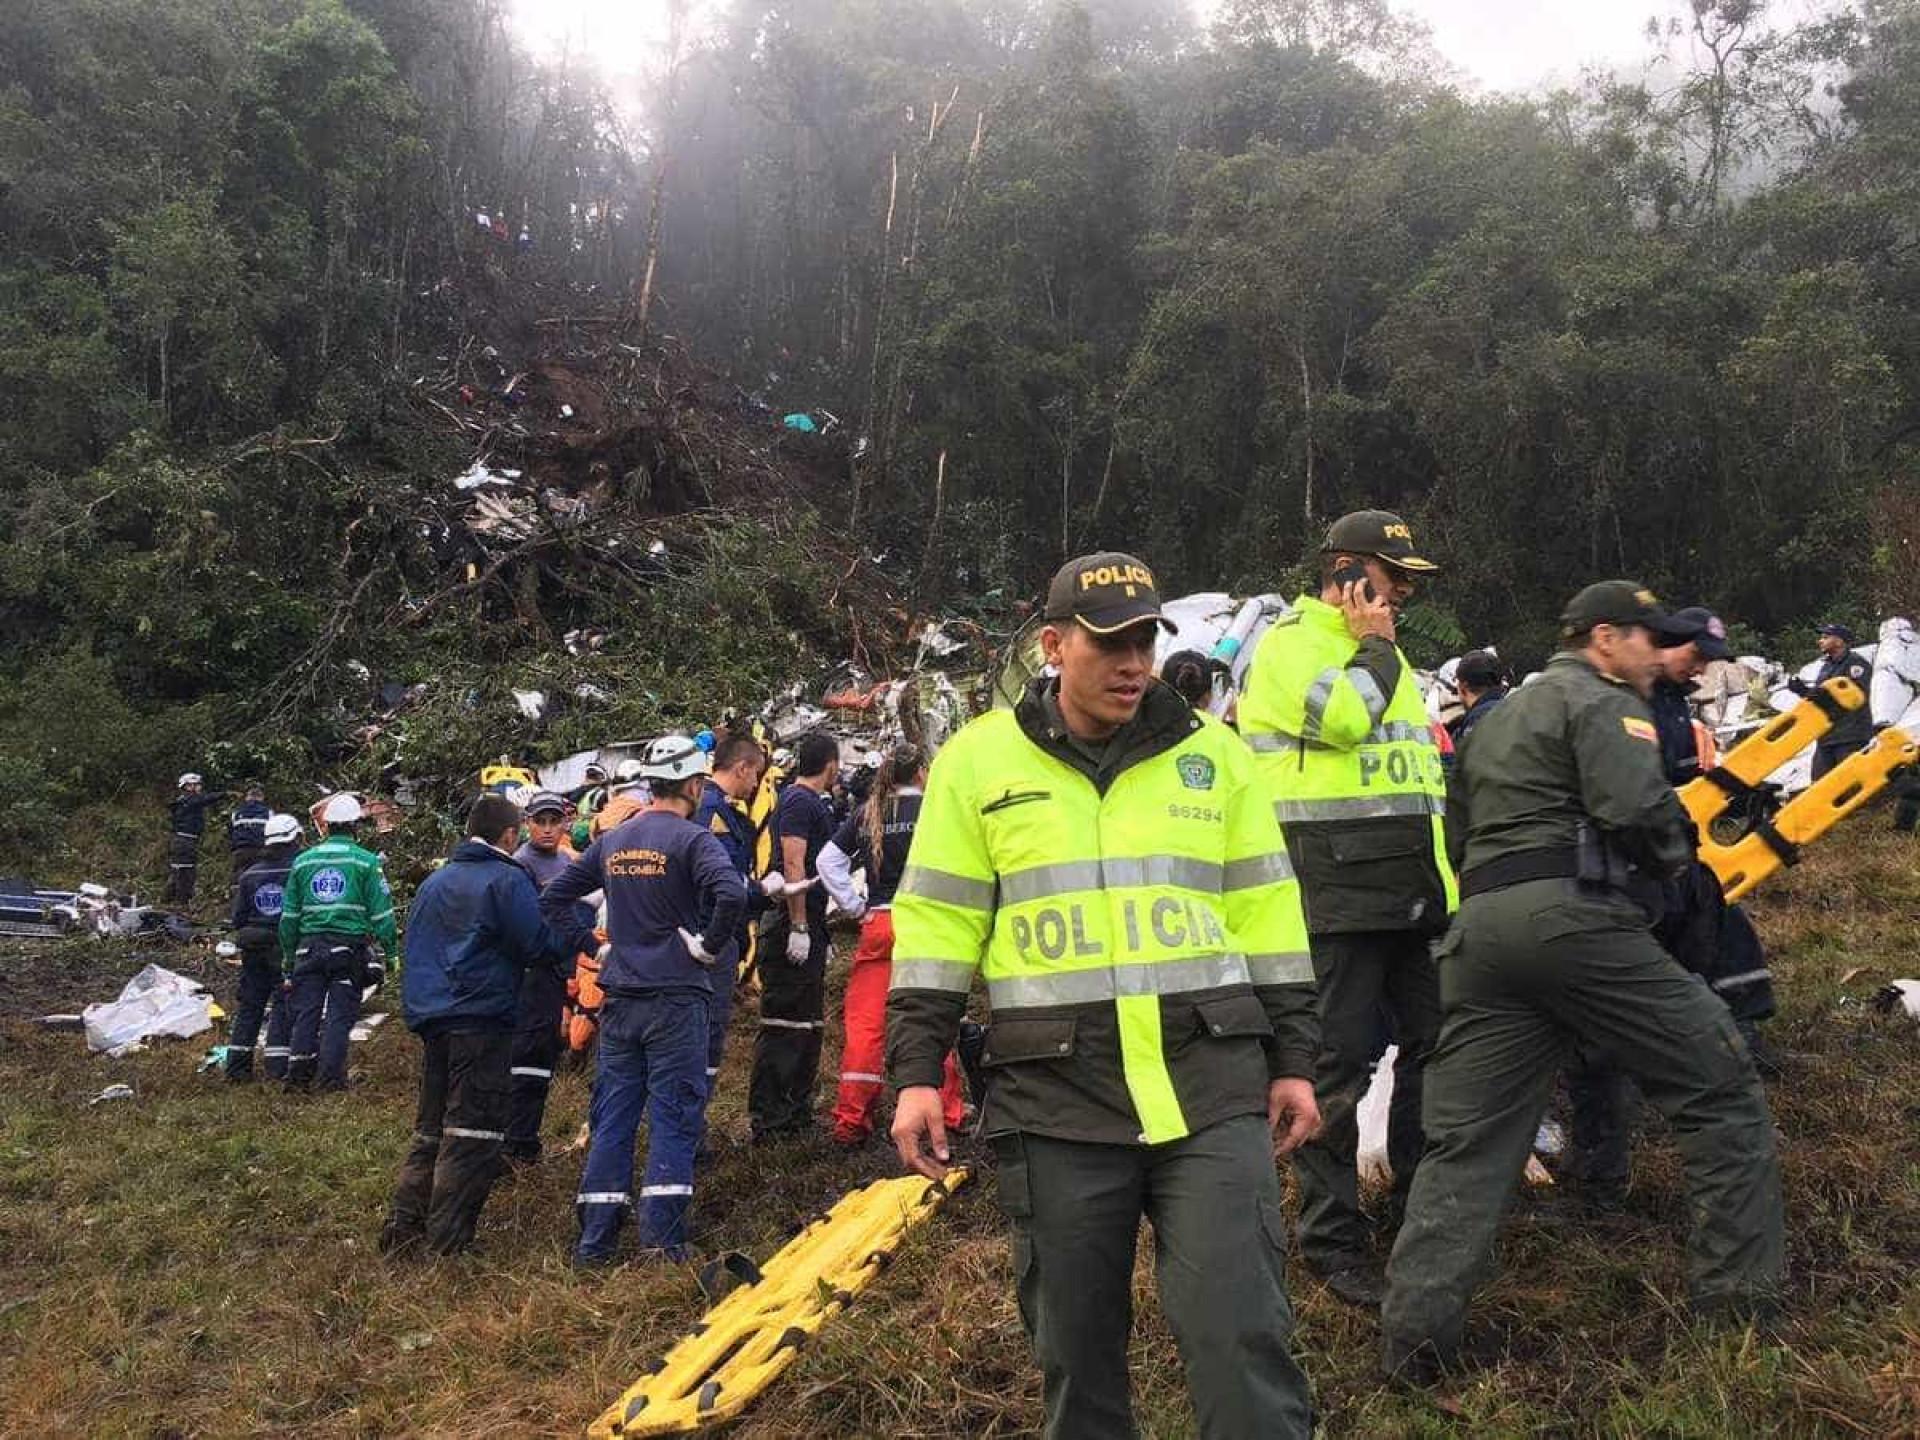 Polícia divulga imagens do resgate de acidente com avião da Chape